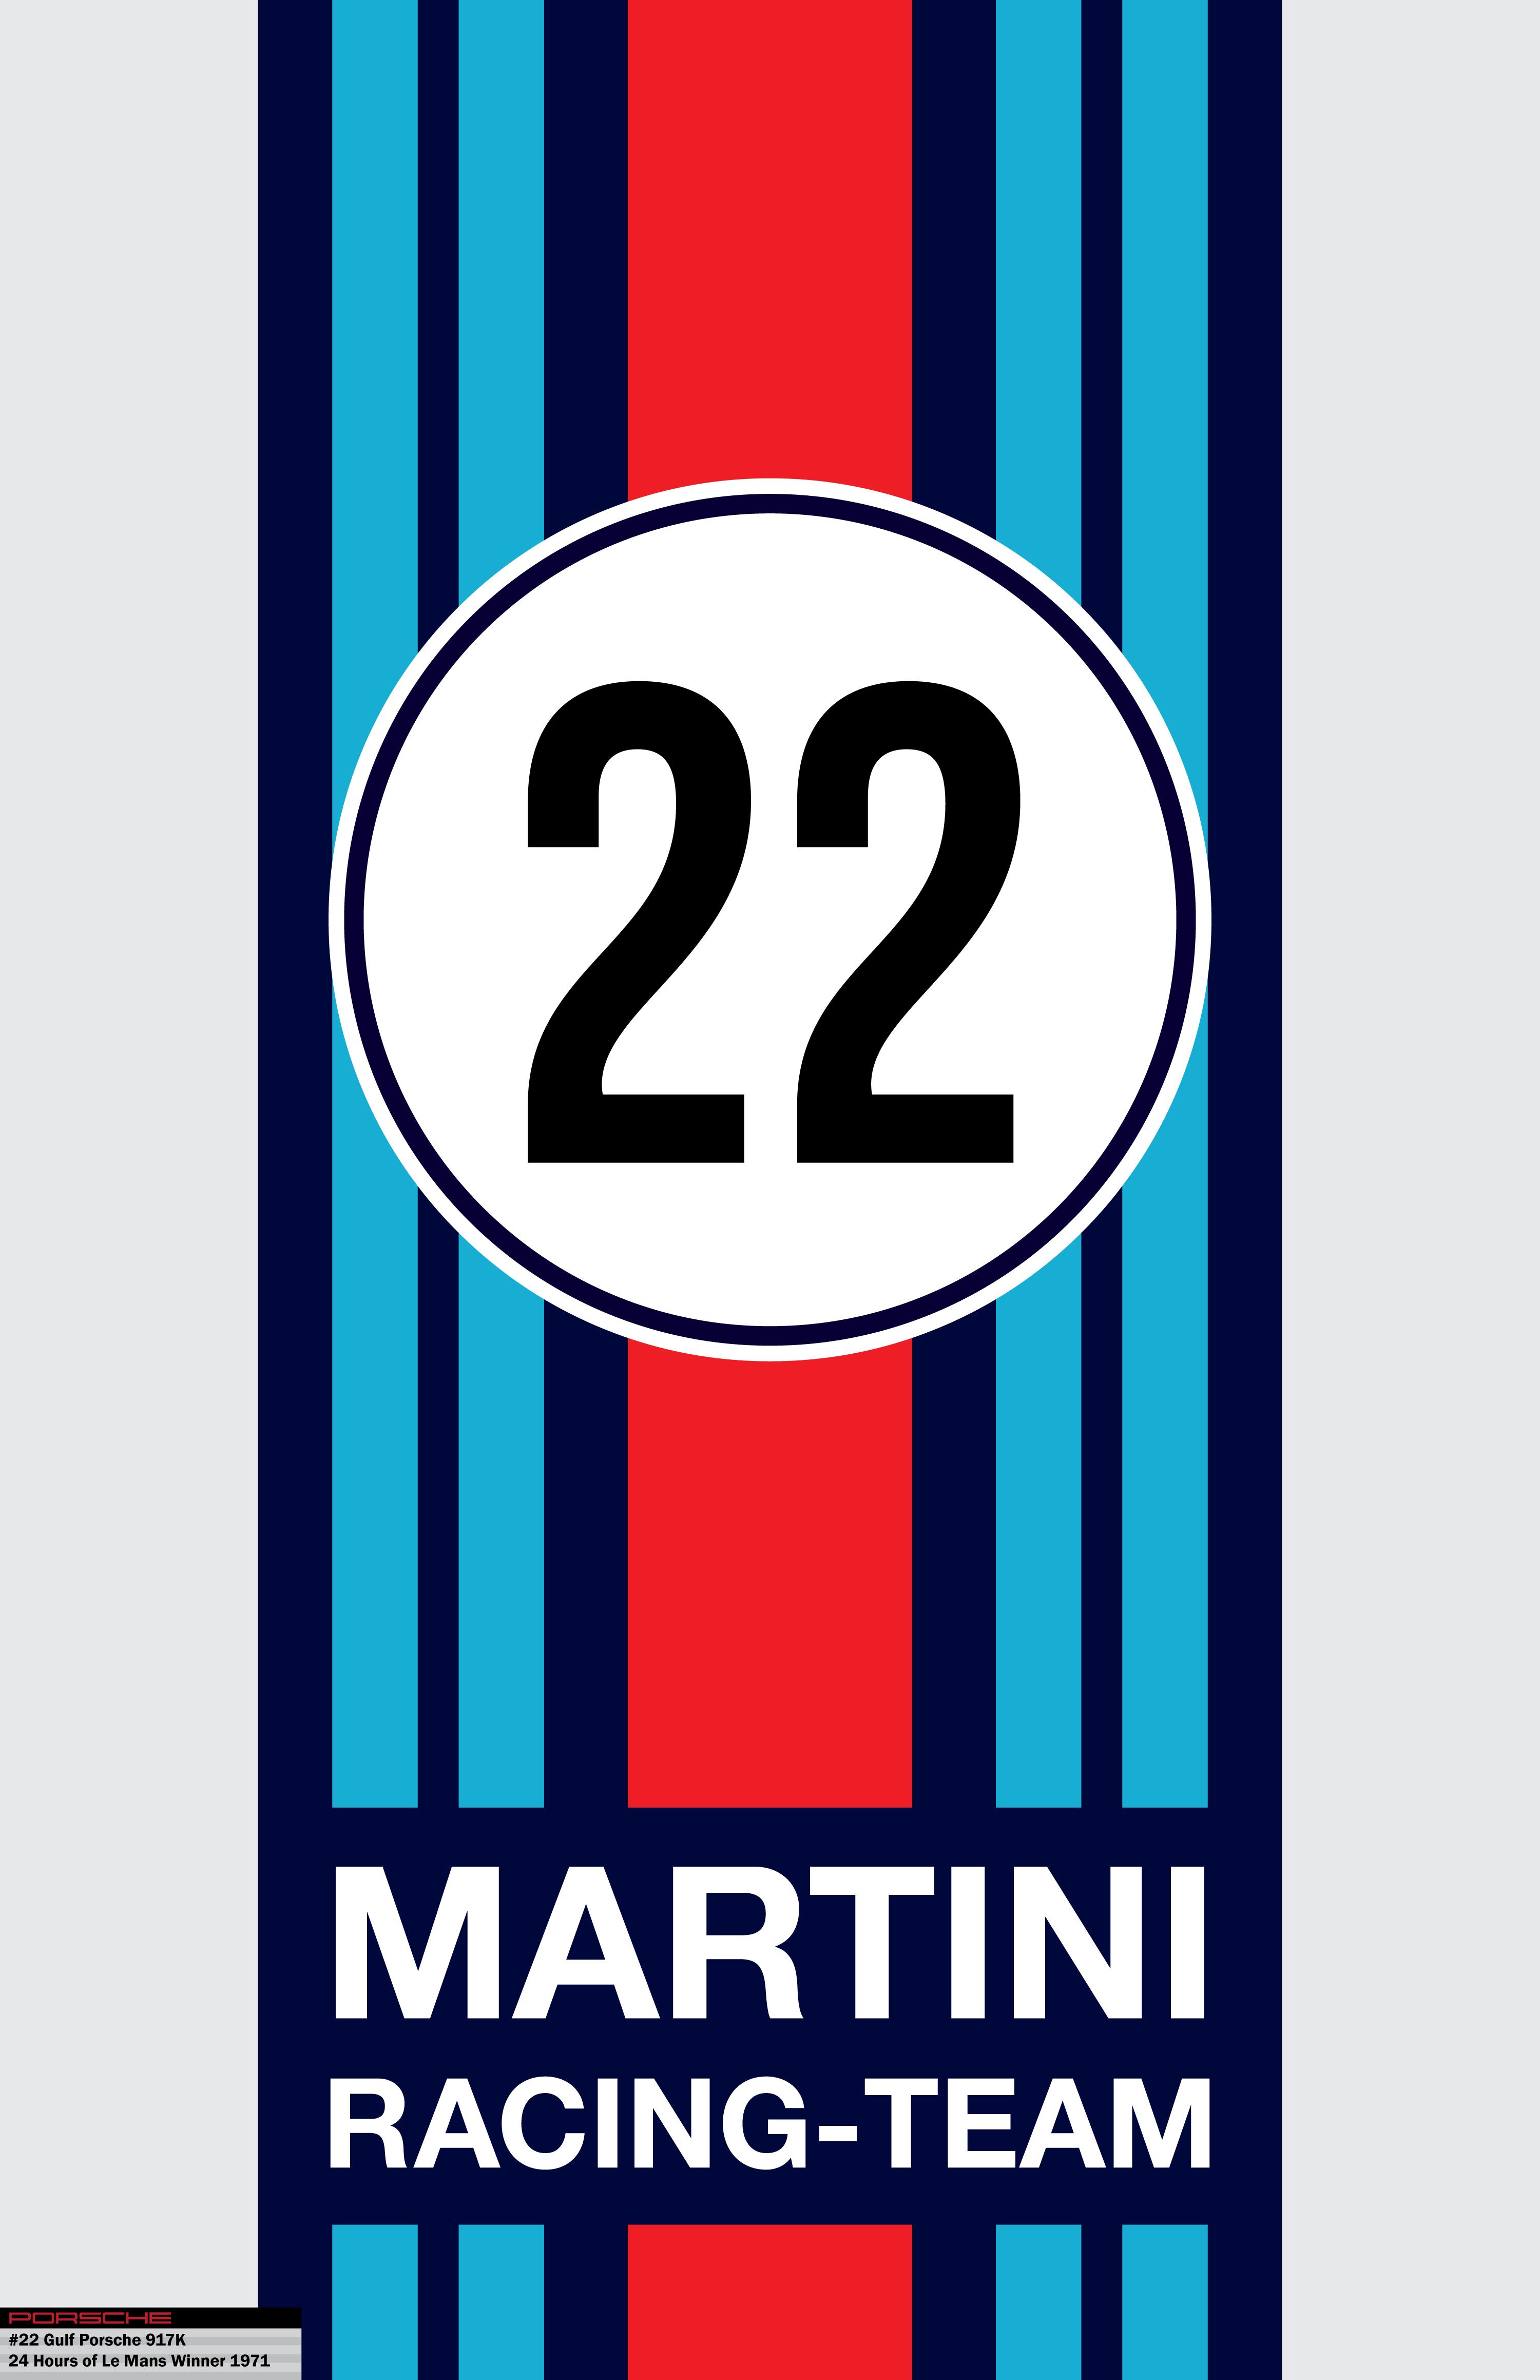 Martini Png 3000 4636 Martini Racing Martini Racing Posters Martini